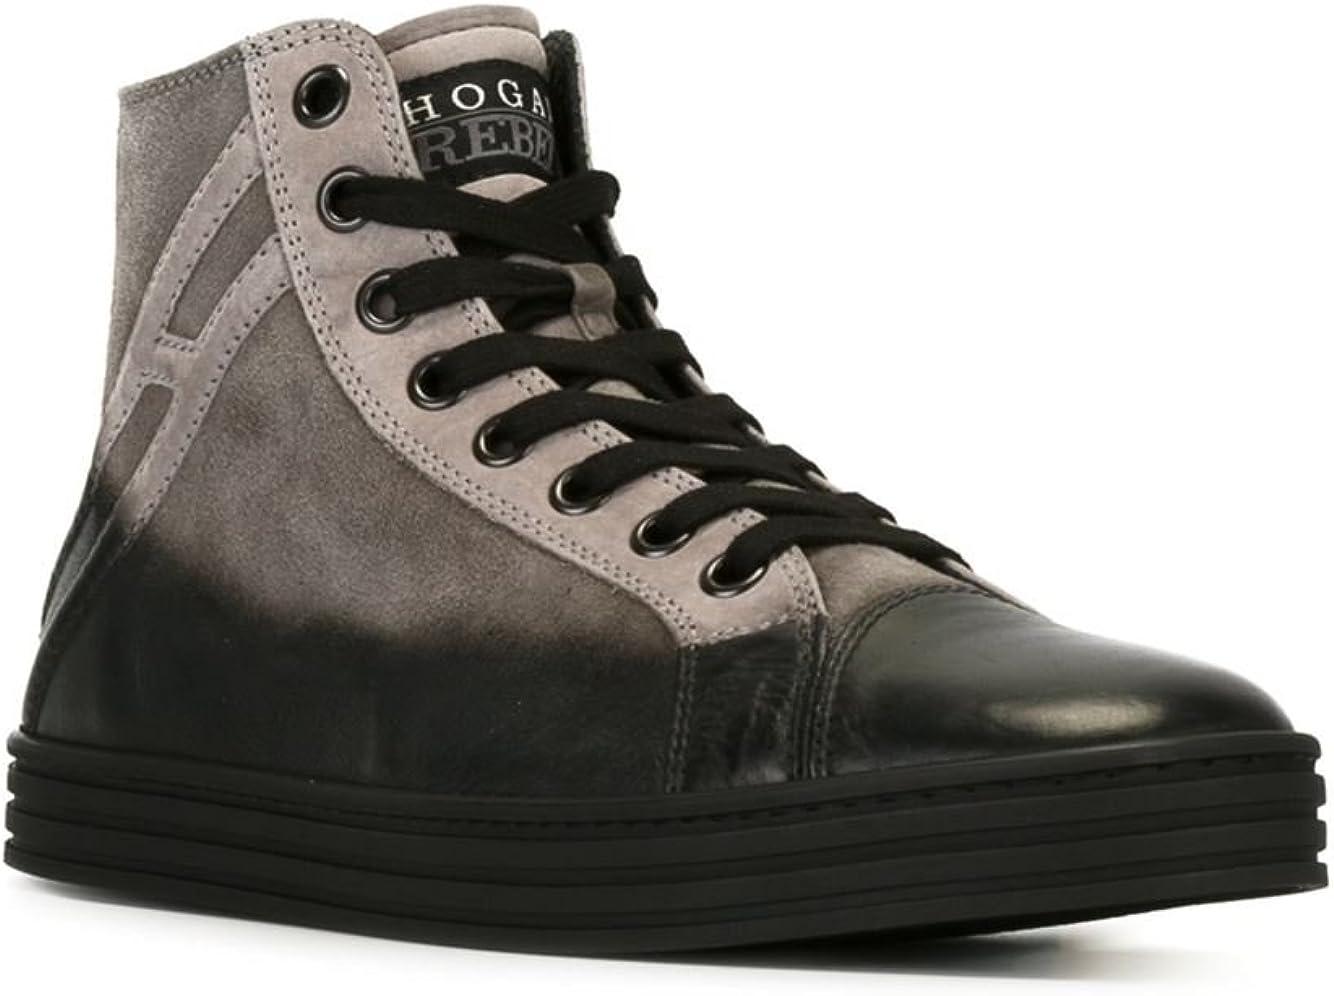 Hogan Rebel Hi Top Sneakers Uomo Hxm14109495c7u4830 Camoscio ...